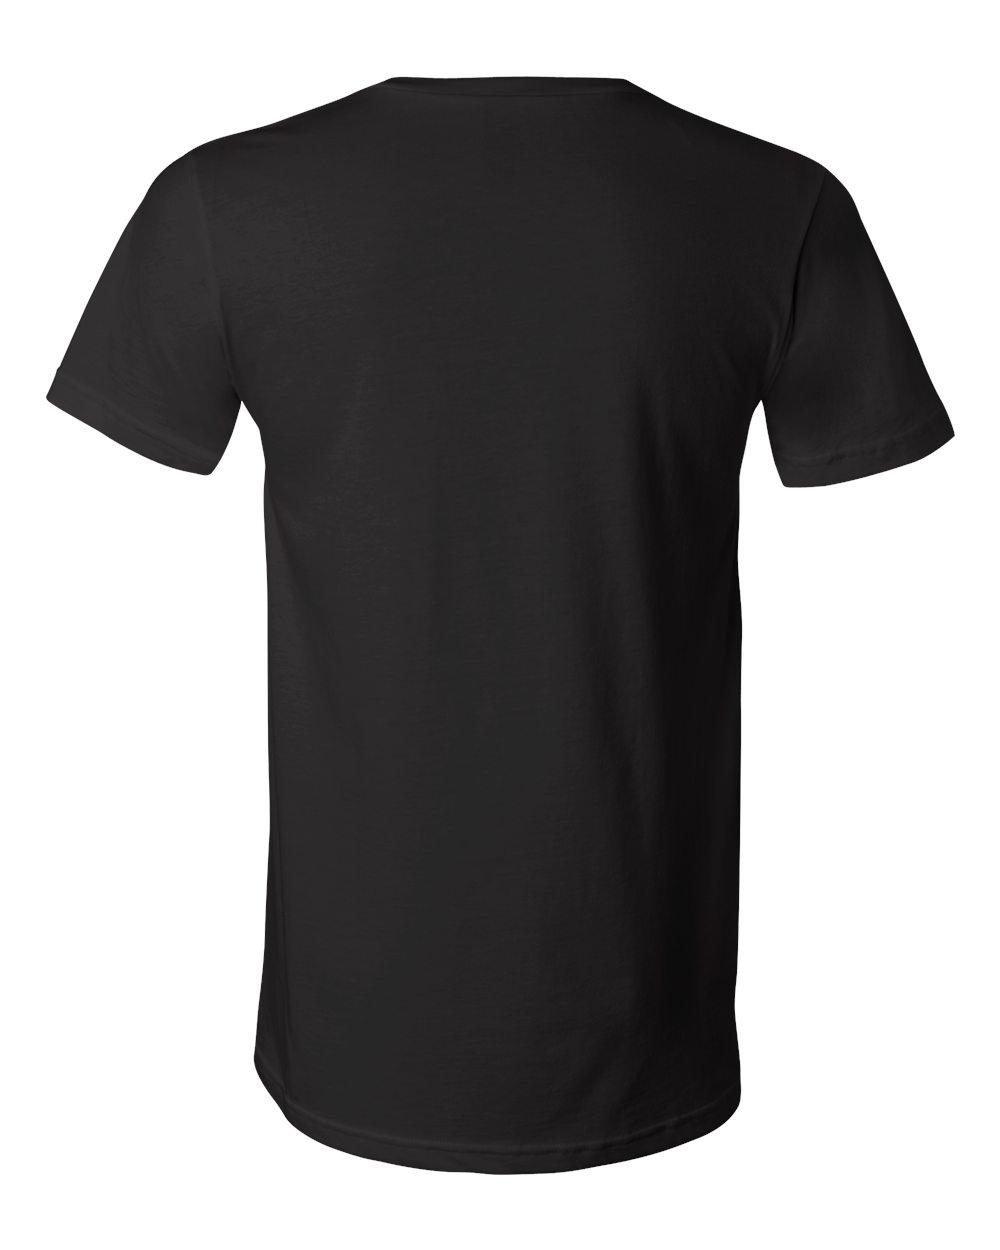 Bella-Canvas-Men-039-s-Jersey-Short-Sleeve-V-Neck-T-Shirt-3005-XS-3XL thumbnail 56